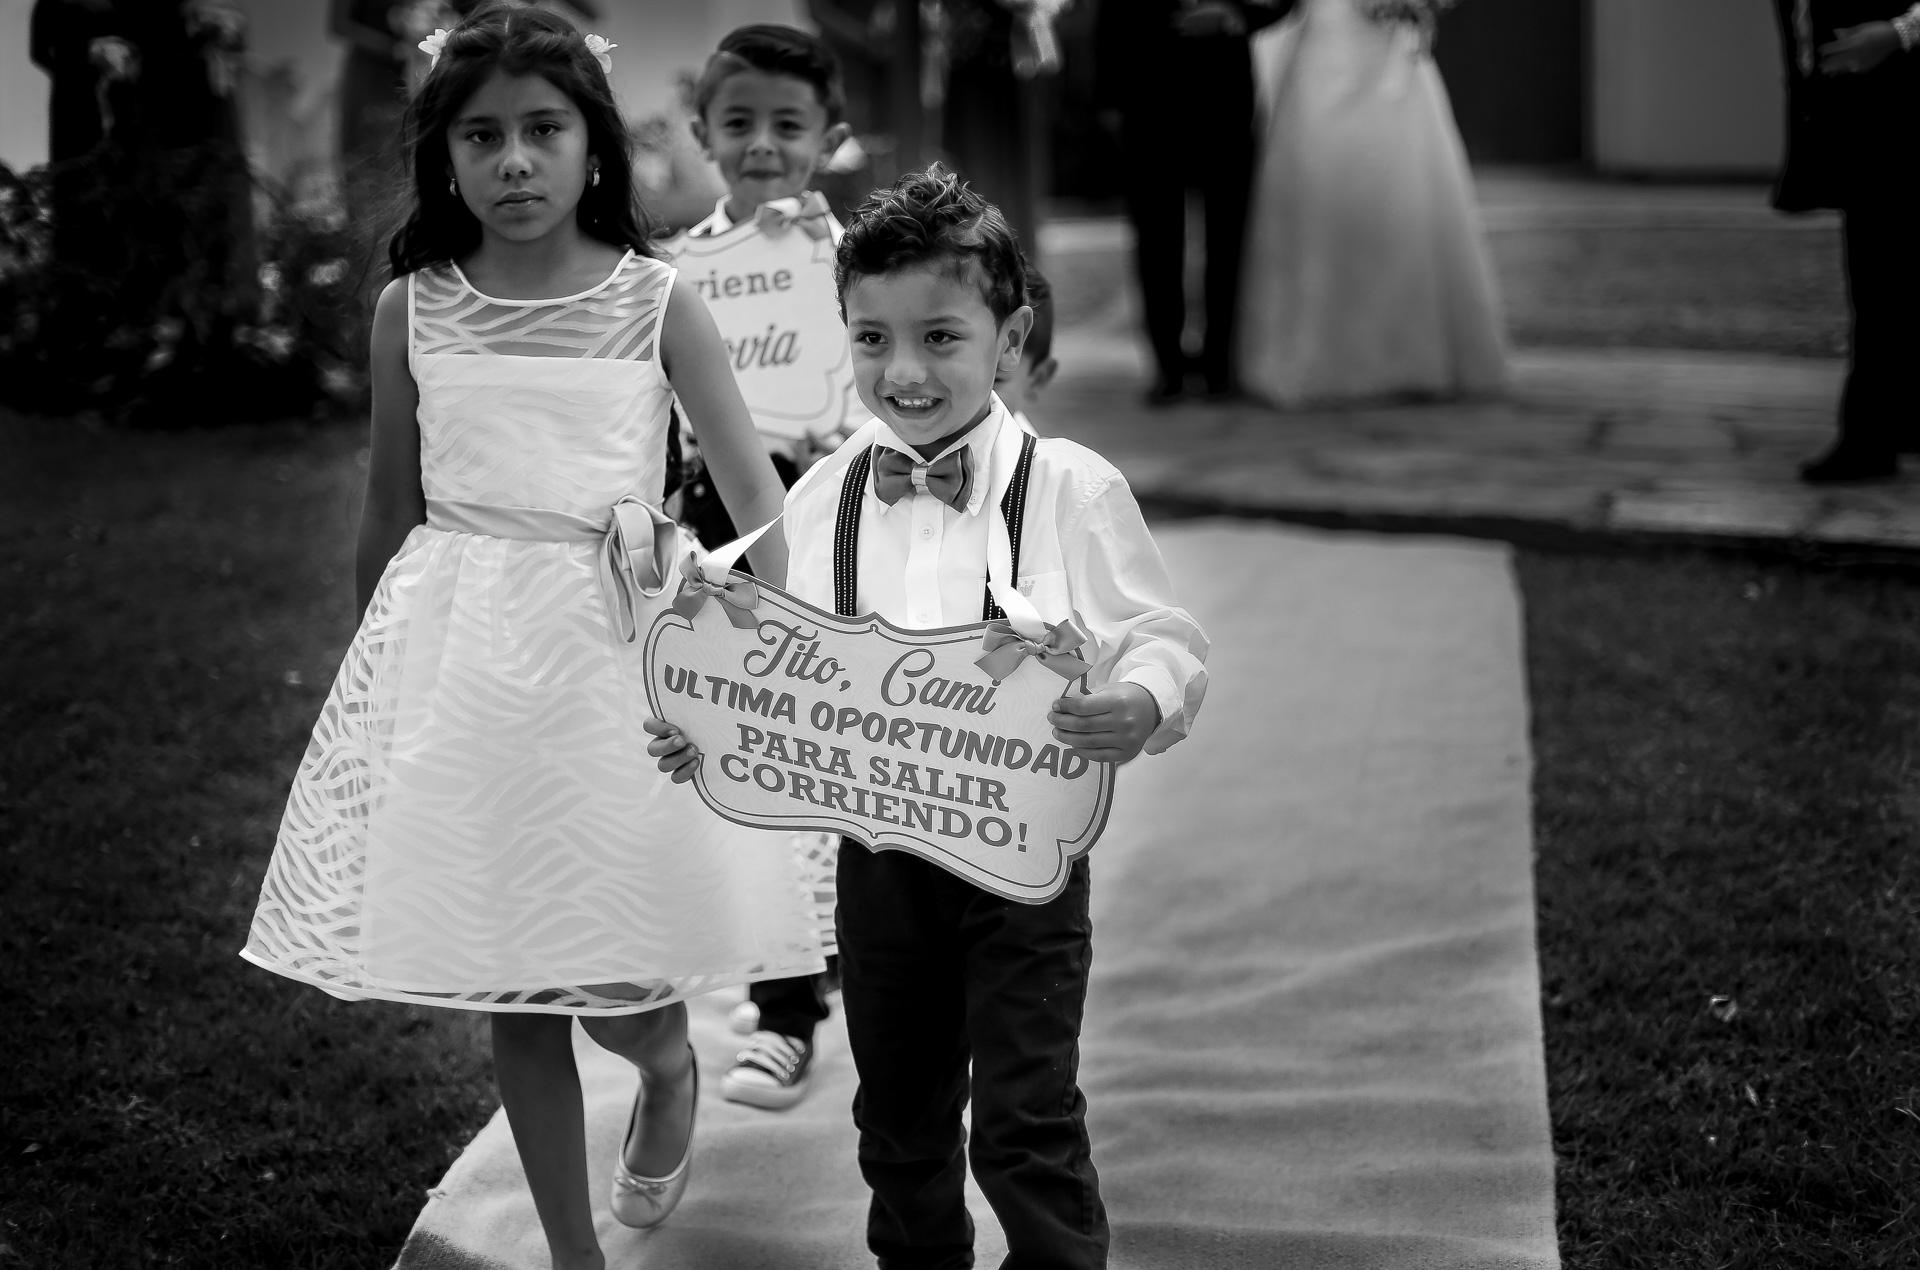 Fotógrafos-de-bodas-en-Colombia-Angela-y-Camilo-2 ANGELA + CAMILO